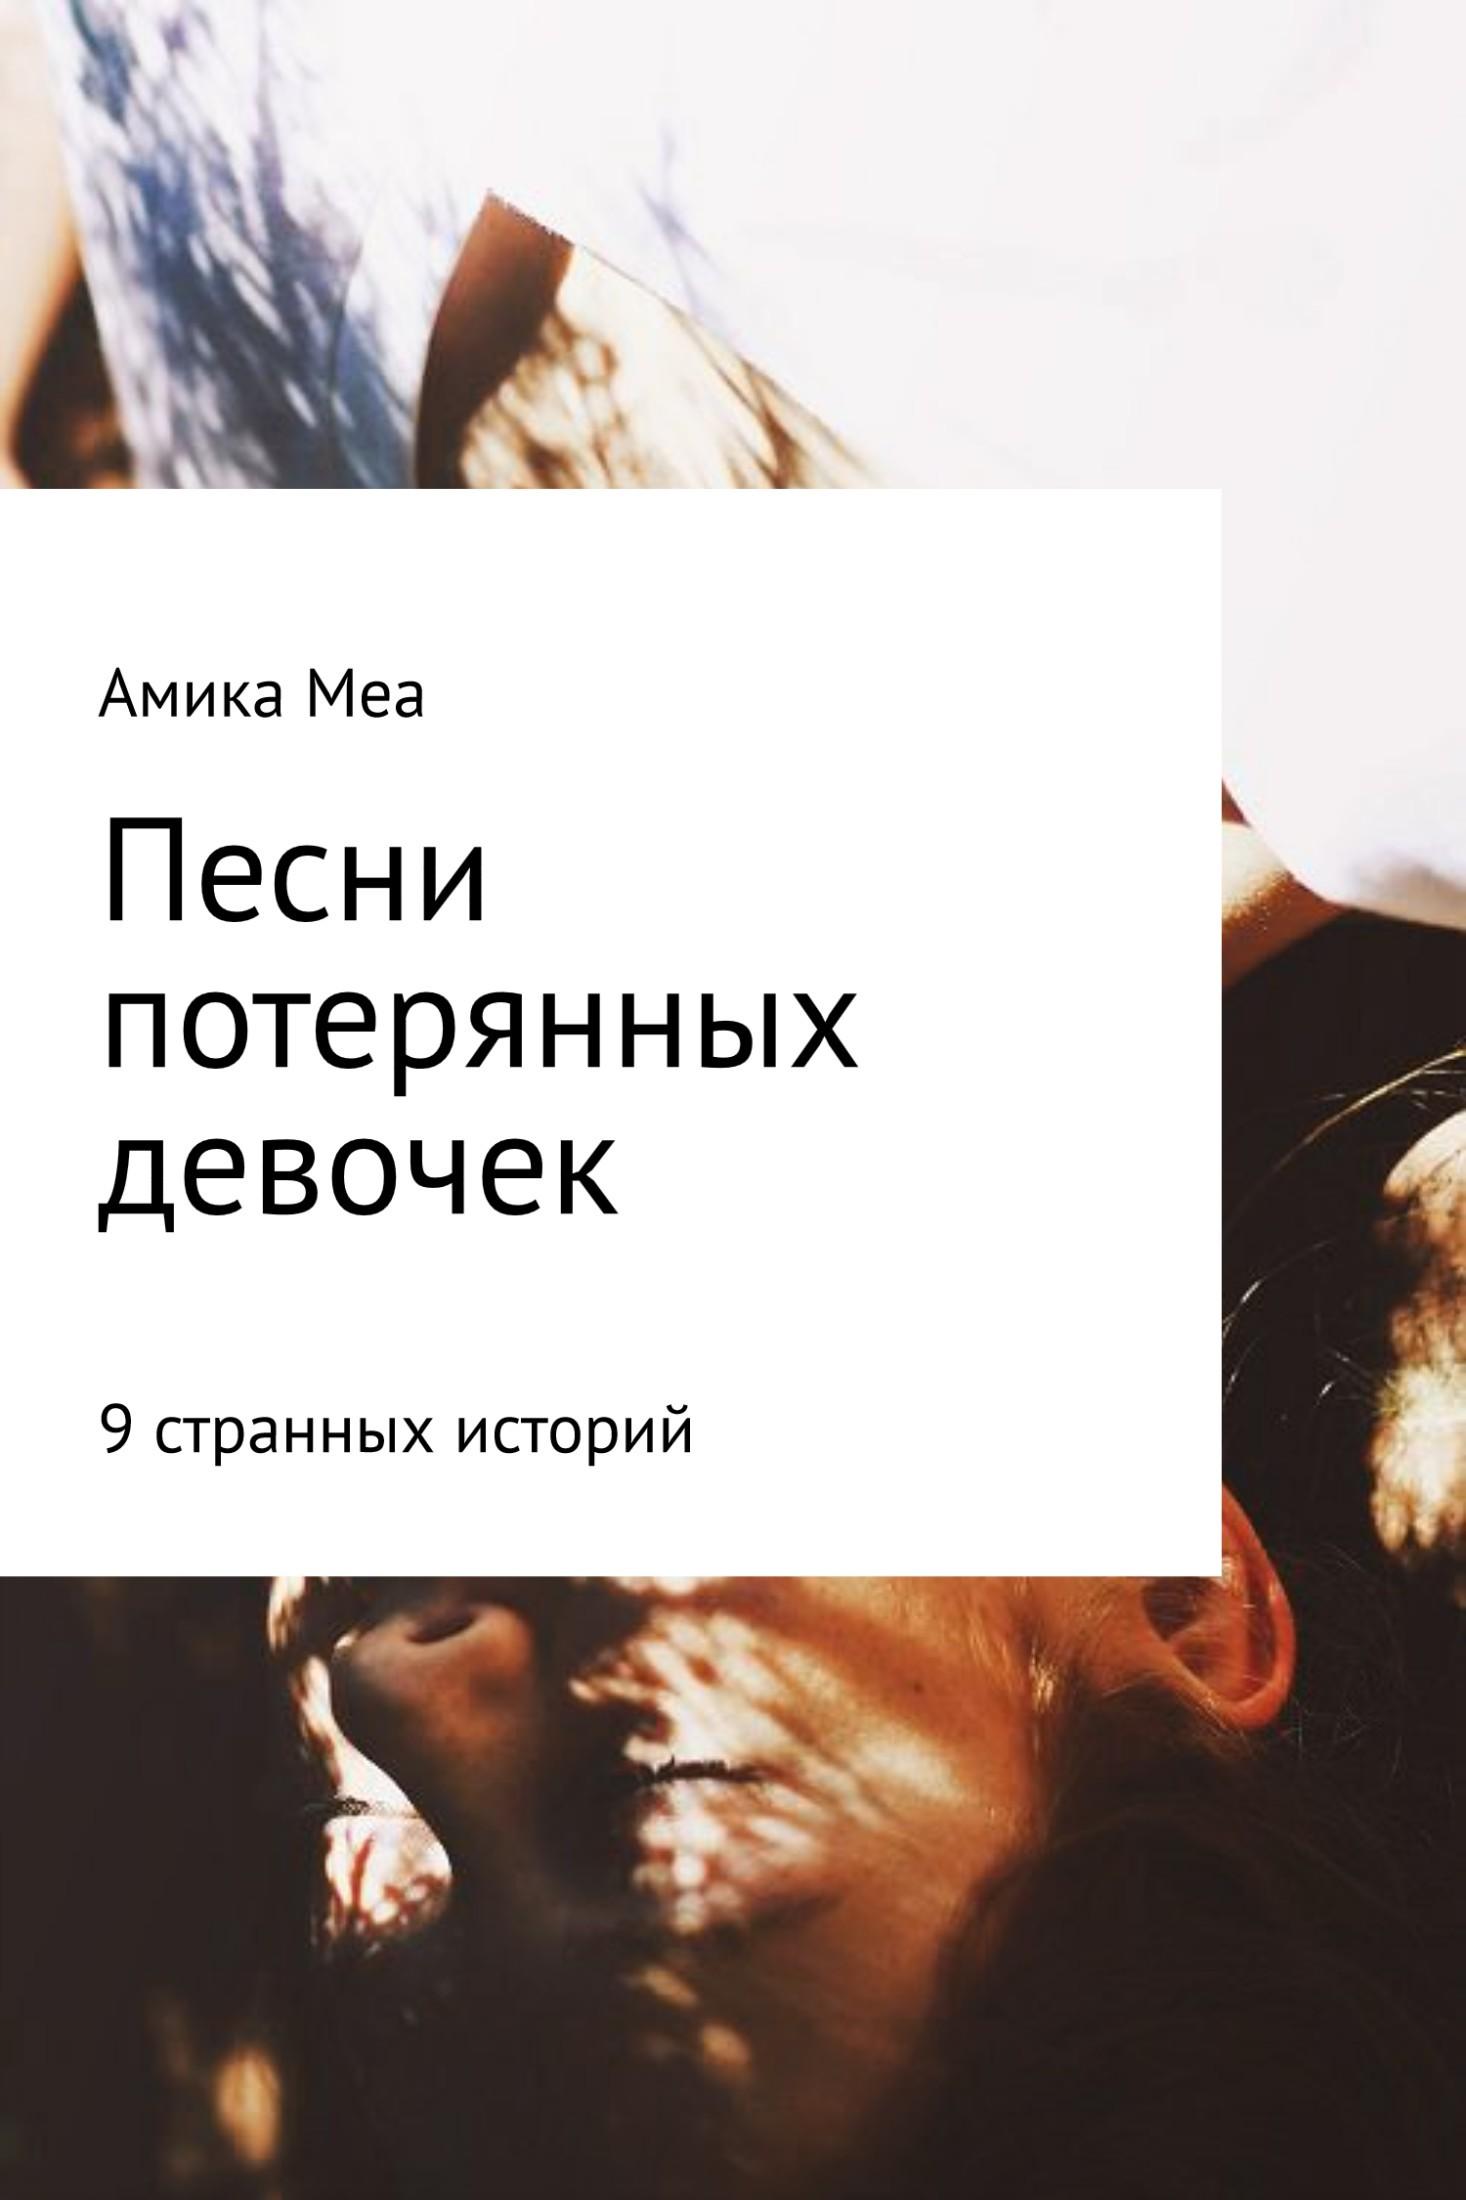 Полу Свет Песни потерянных девочек новые истории о мальчиках и девочках